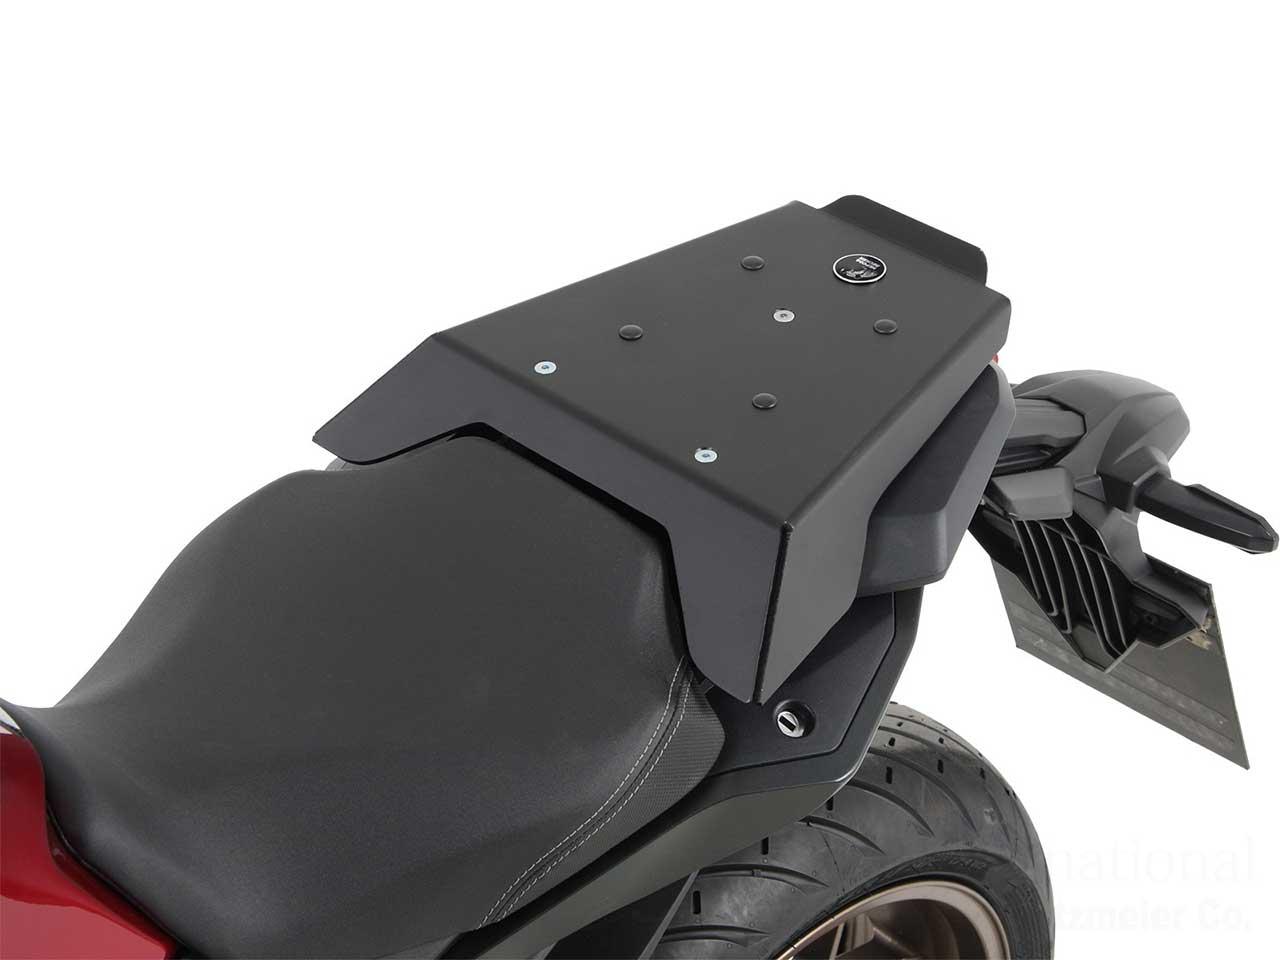 ヘプコ&ベッカー 正規品 タンデムシート置換型リアラック「Speedrack EVO」 HONDA CB650R ('19-)